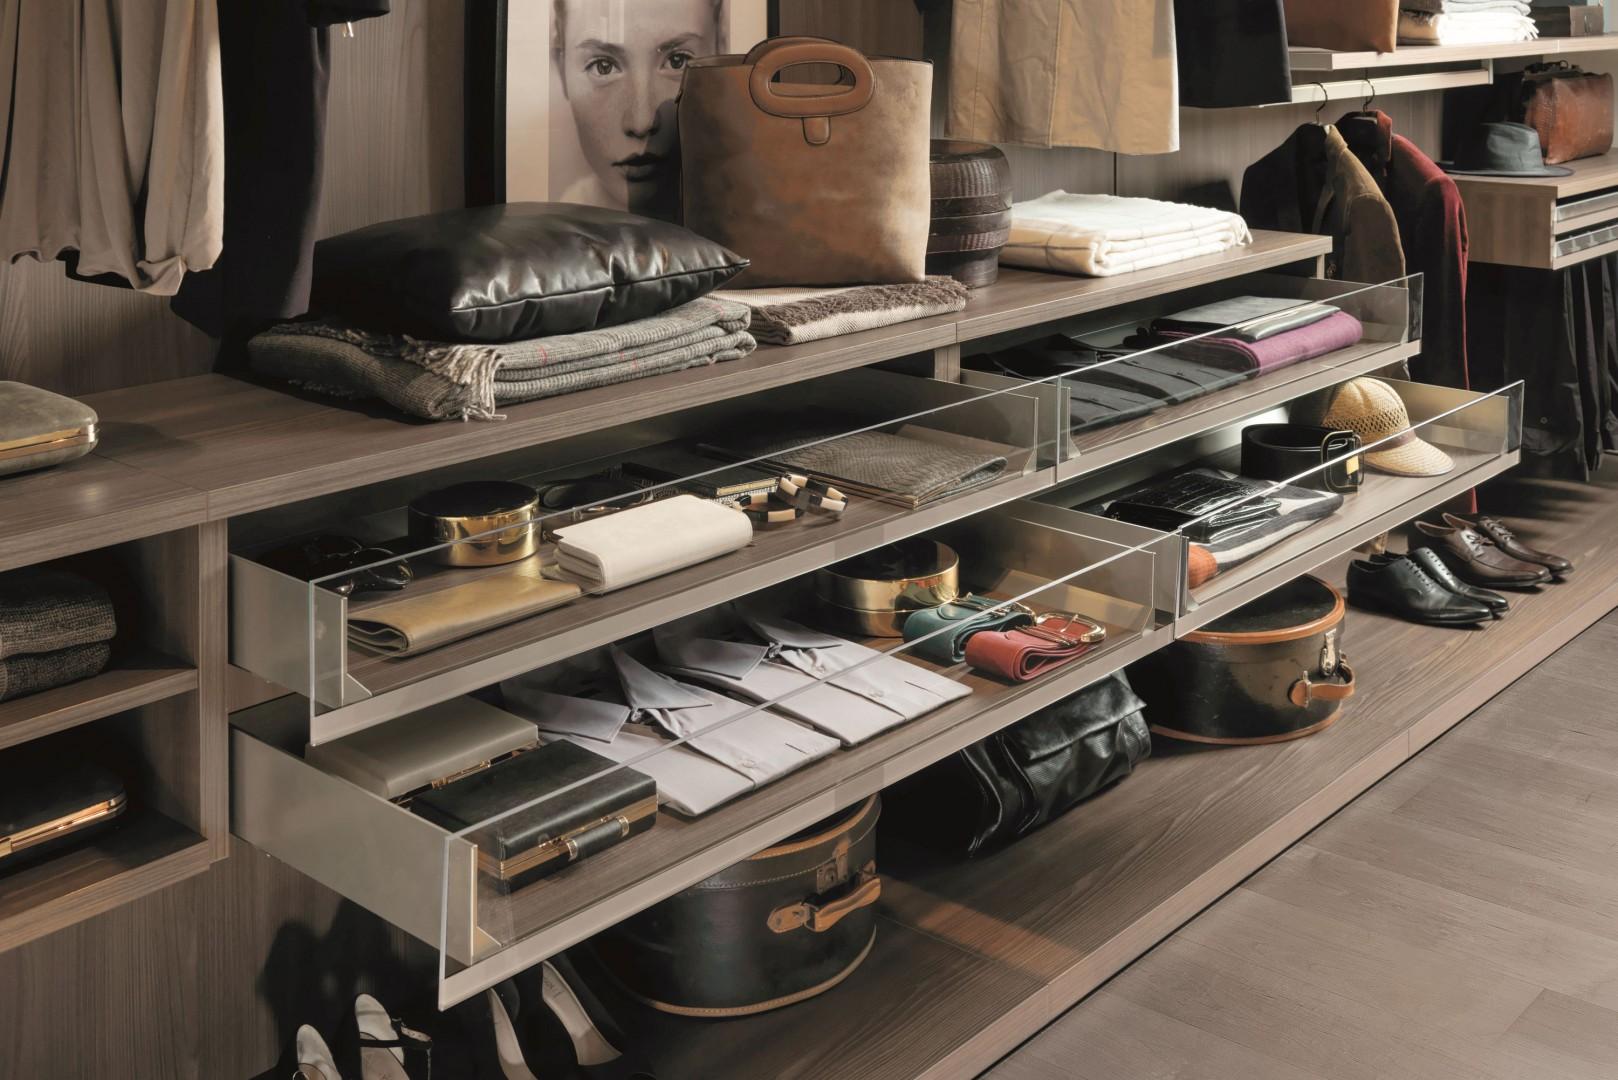 Odpowiednie półki i szuflady ułatwią przechowywanie ubrań i butów. Fot. Zalf